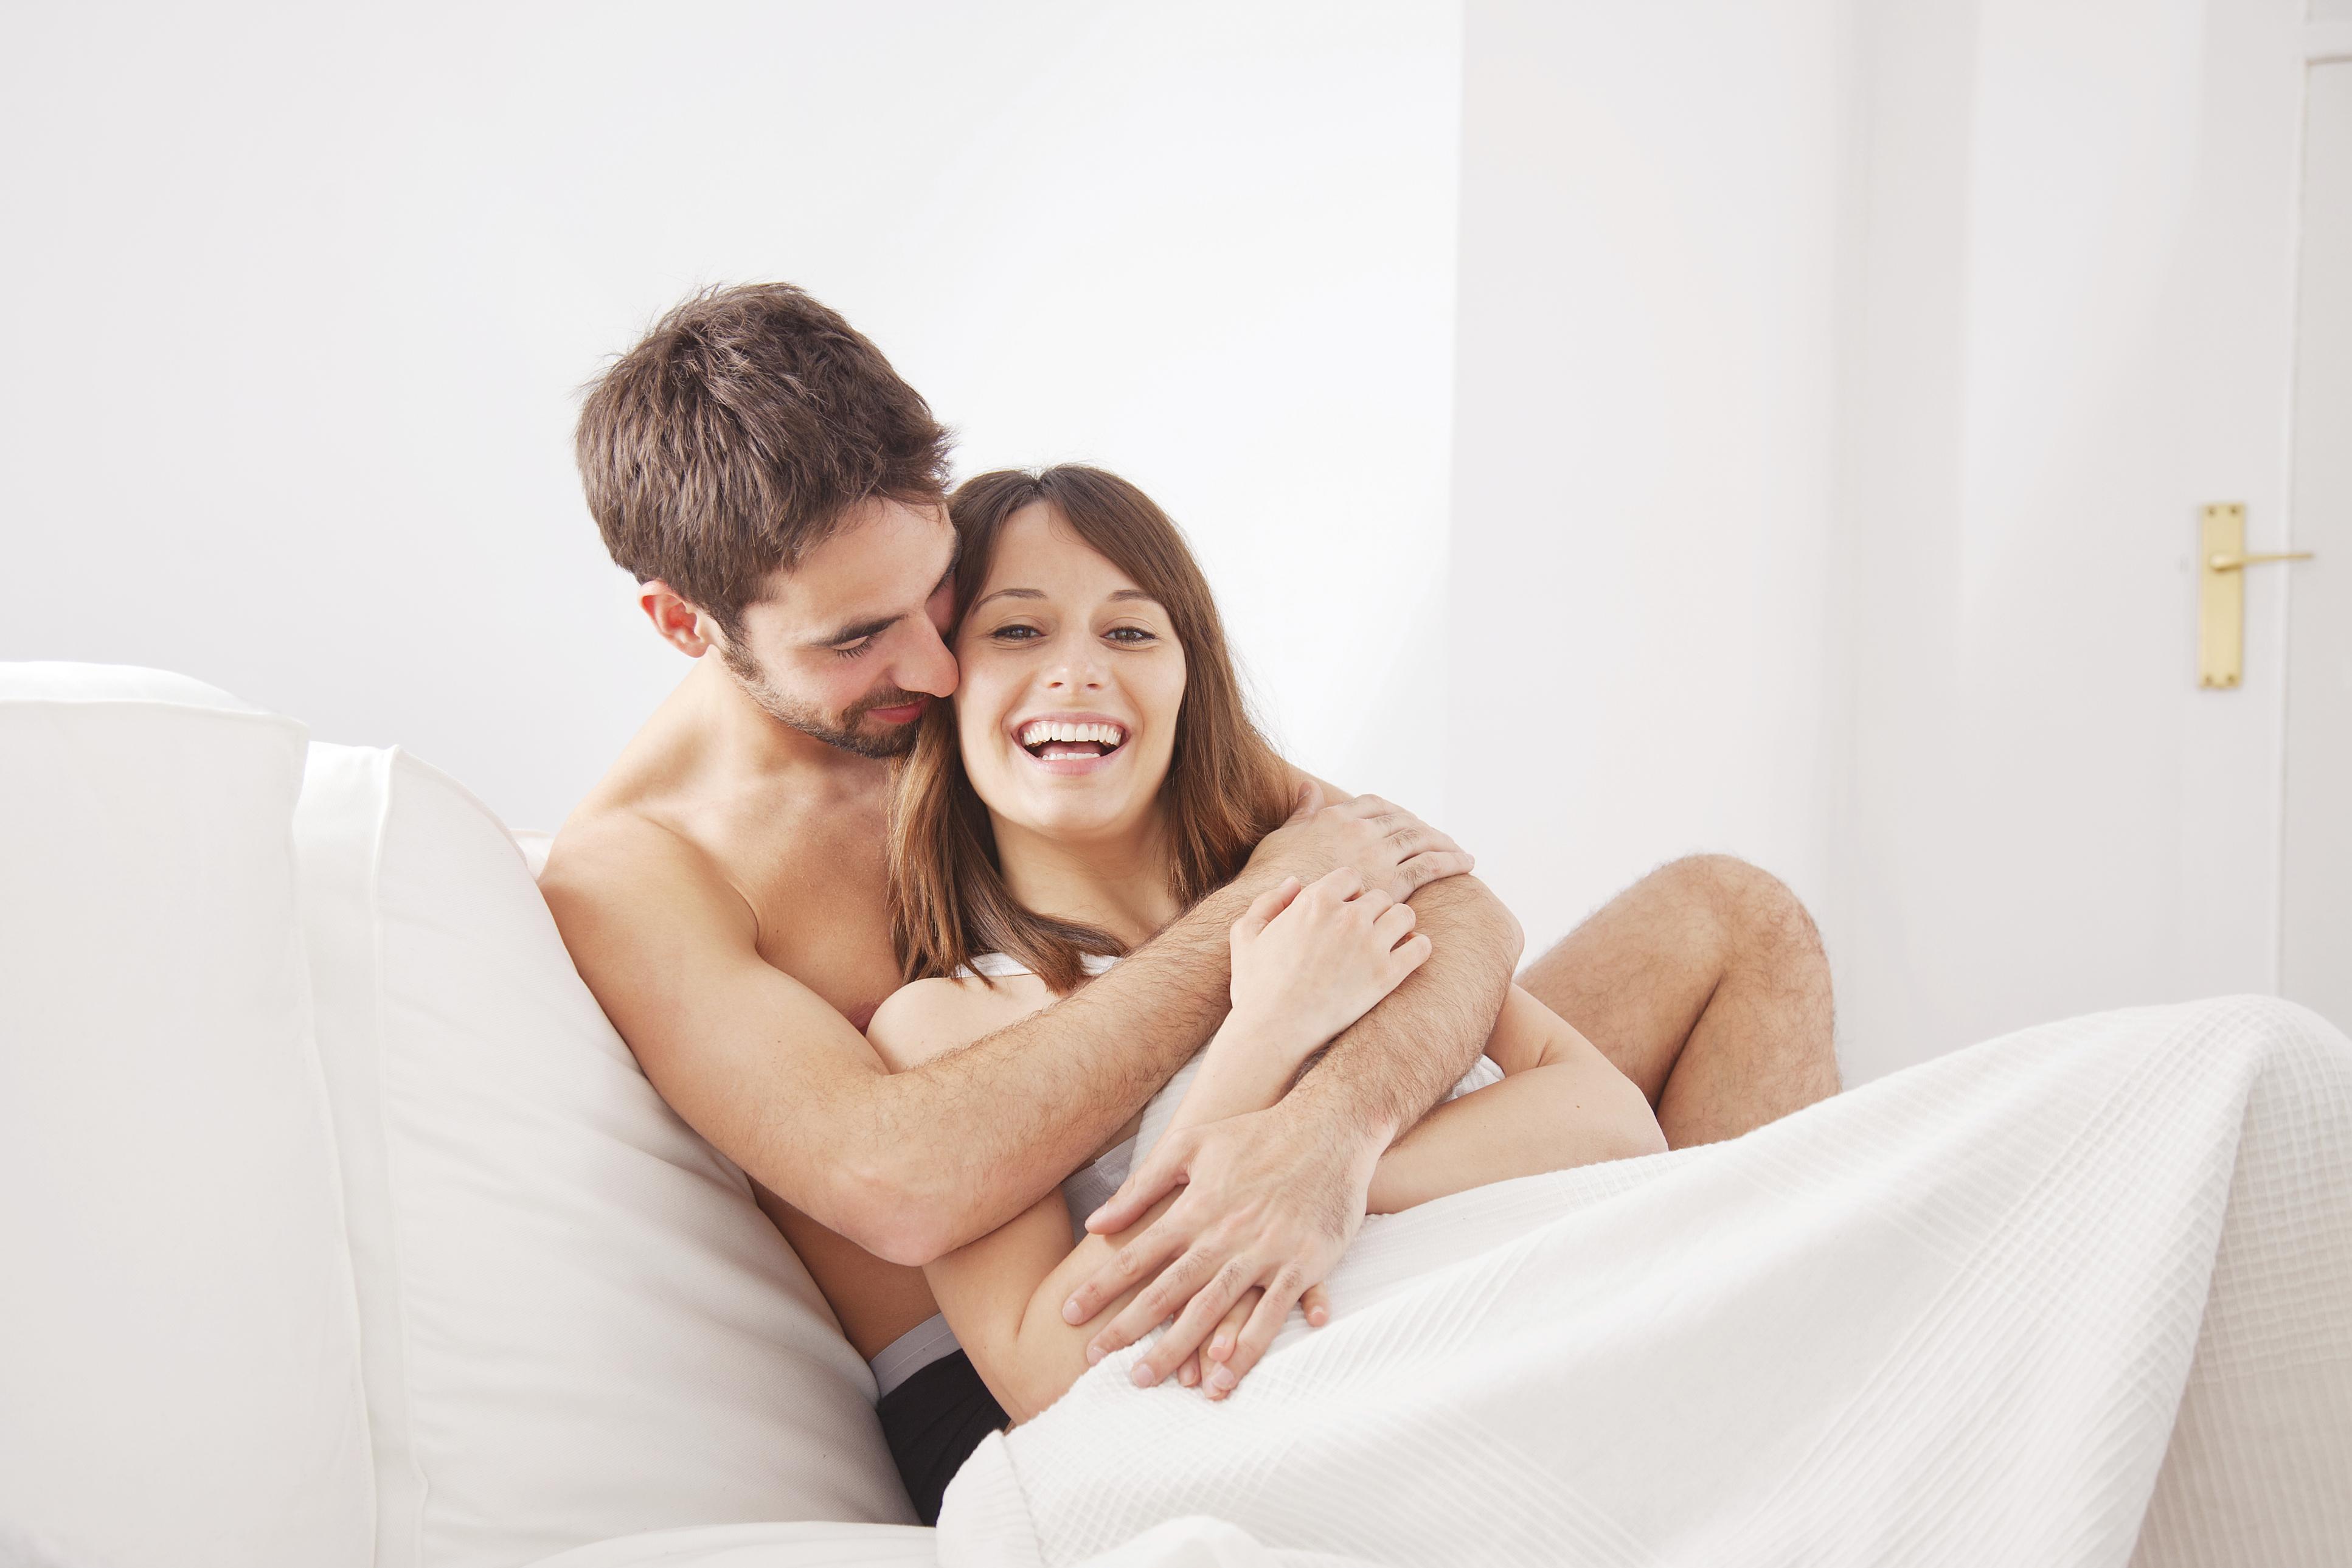 miten saada nainen laukeamaan sex deitti